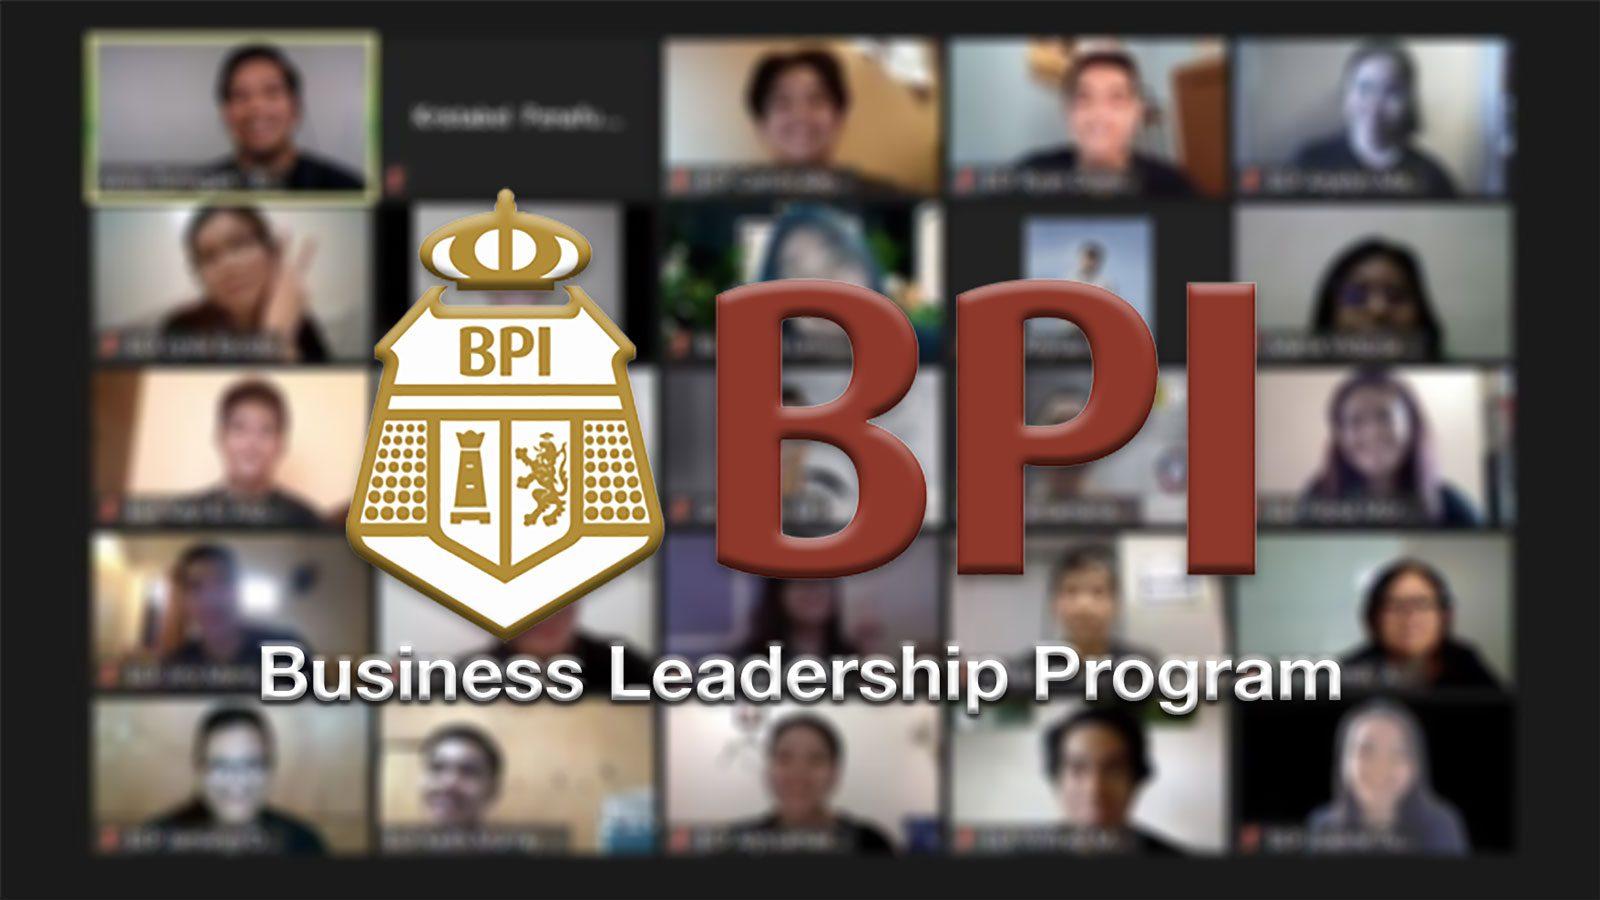 BPI takes Business Leadership Program 2020 online